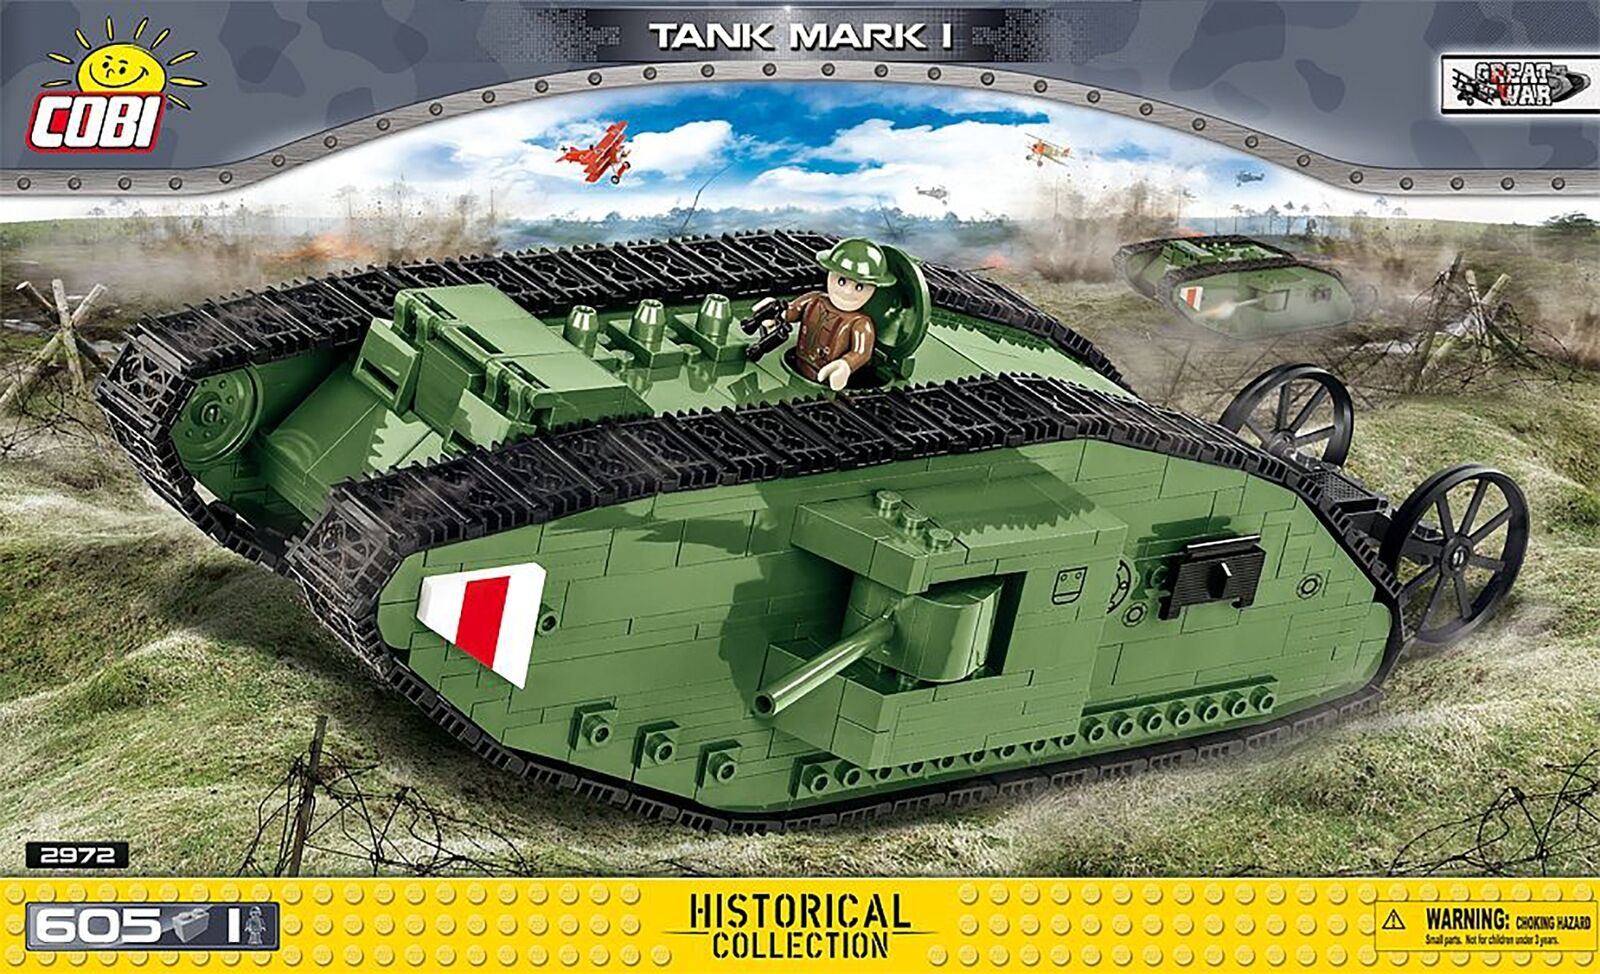 Cobi Petit Armée WW1 Tank Mark I Modèle 605 Pièce Set de Construction